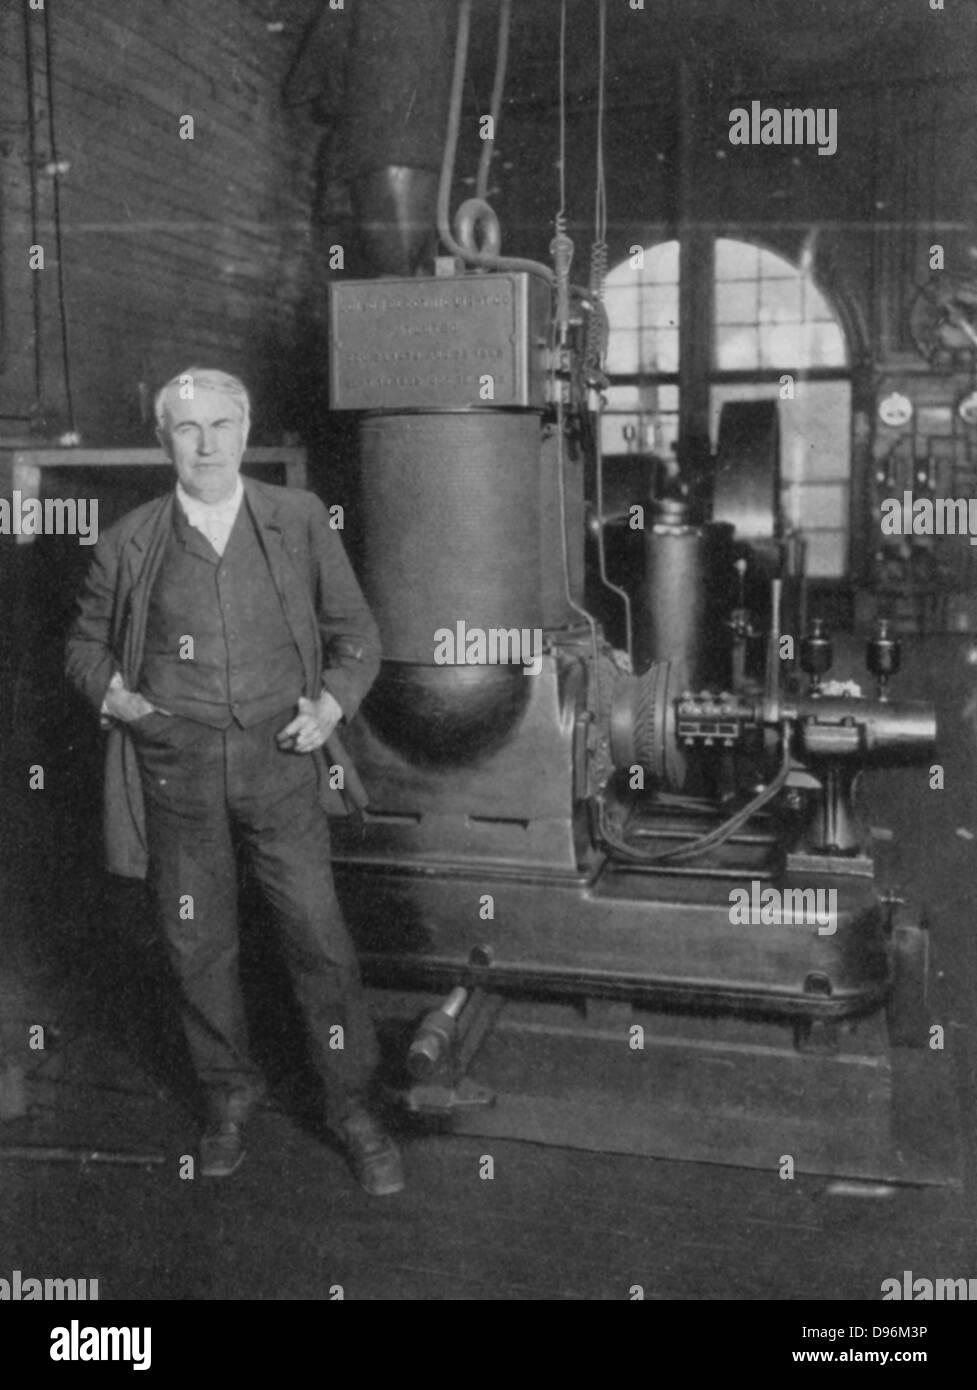 Thomas Alva Edison (1847-1931) inventore americano, con la sua prima dinamo per produrre luce elettrica. Immagini Stock